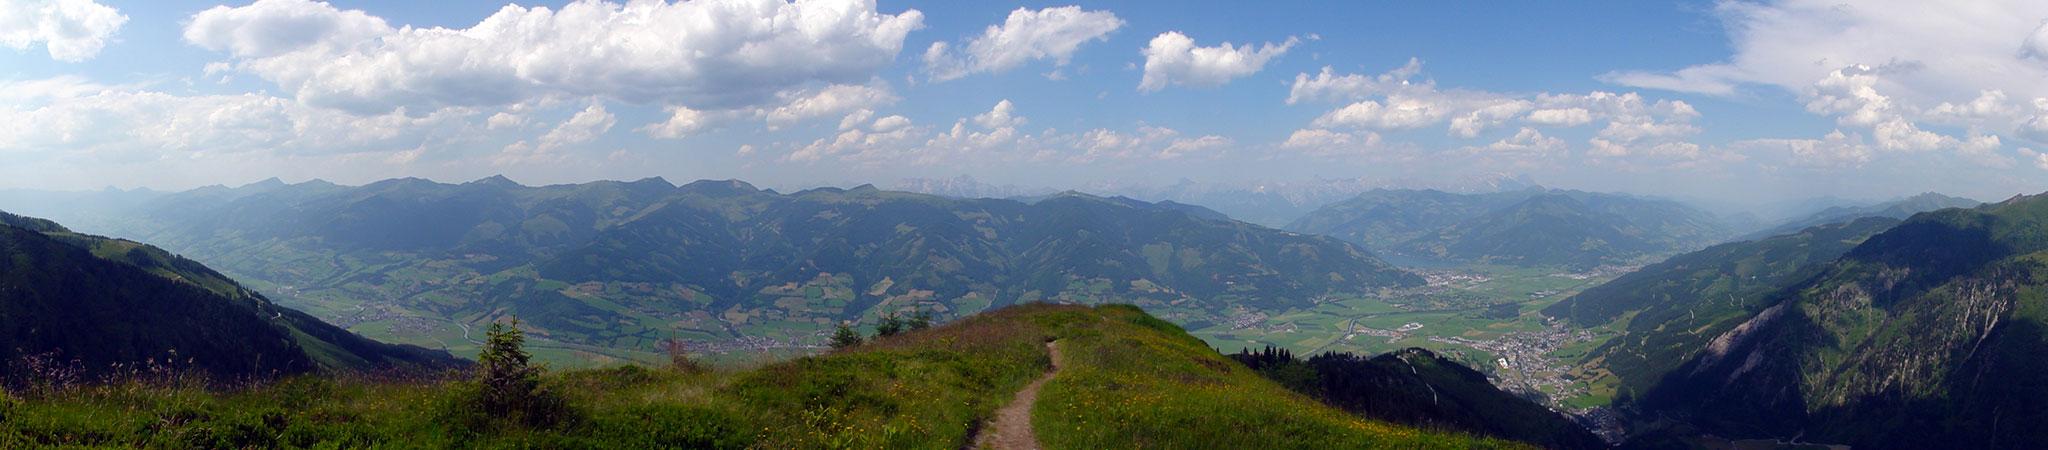 Arnoweg: Das Salzachtal im Pinzgau mit Zeller See und Kaprun